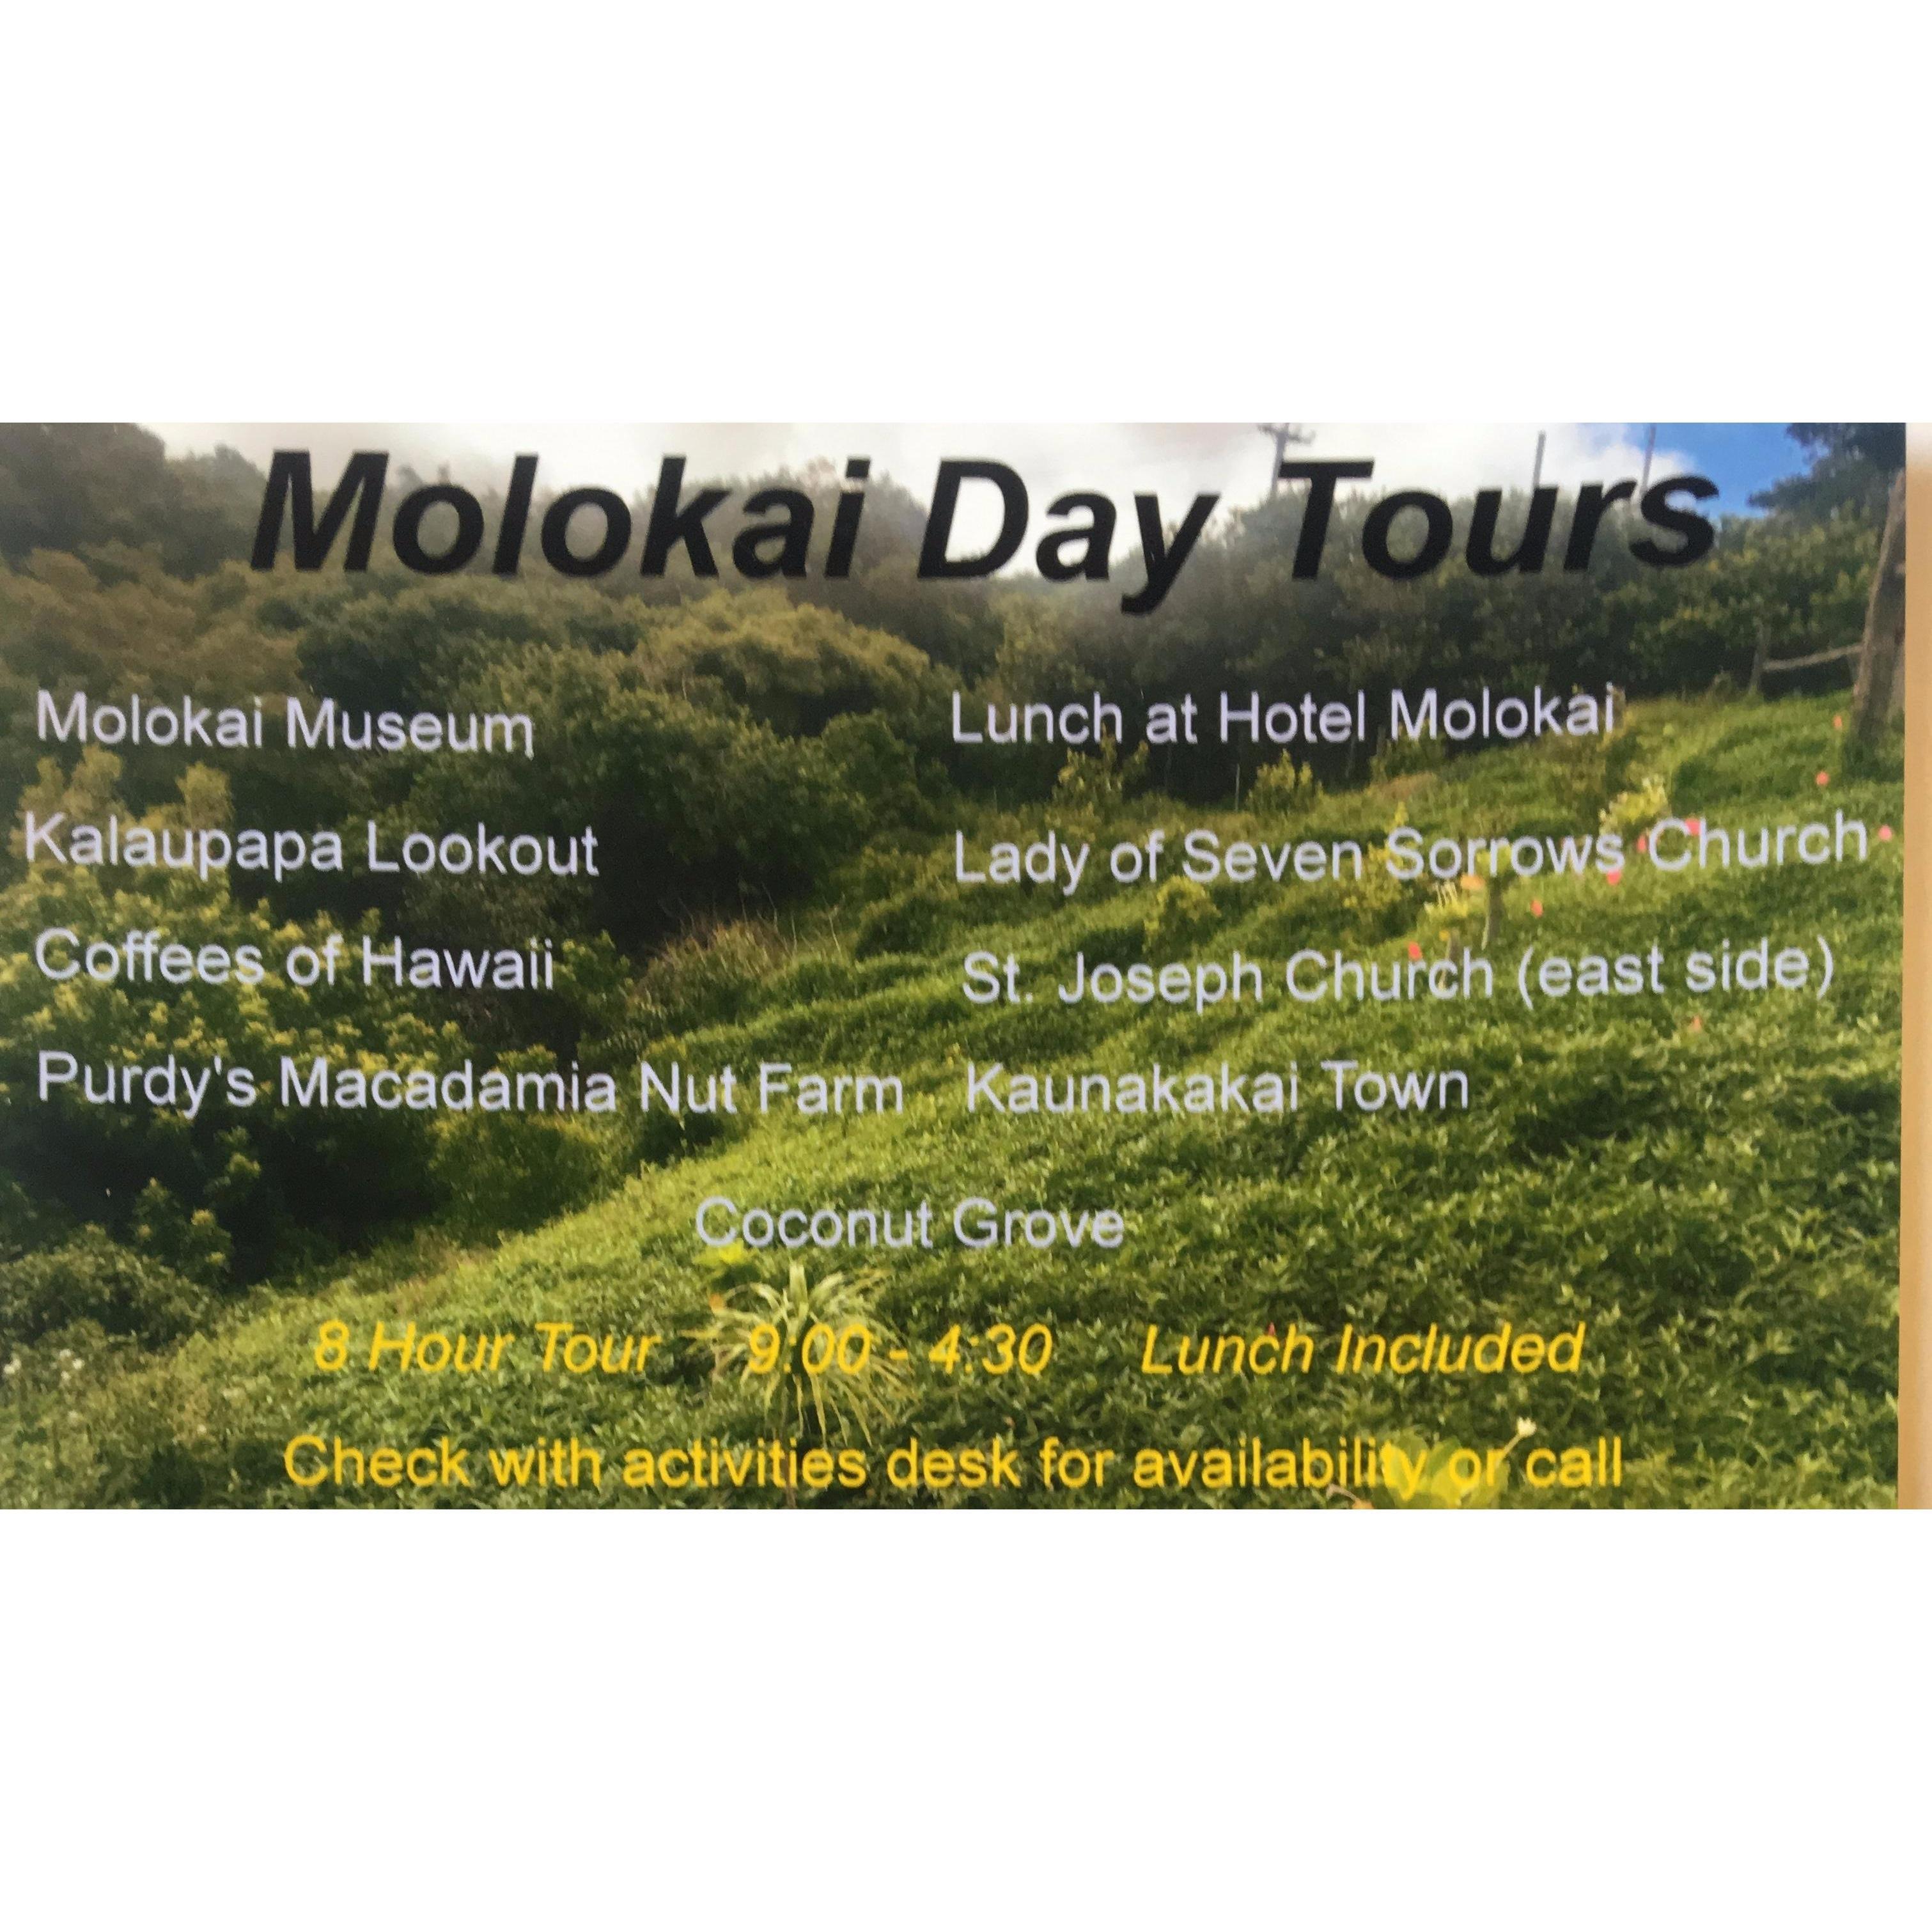 Molokai Day Tours